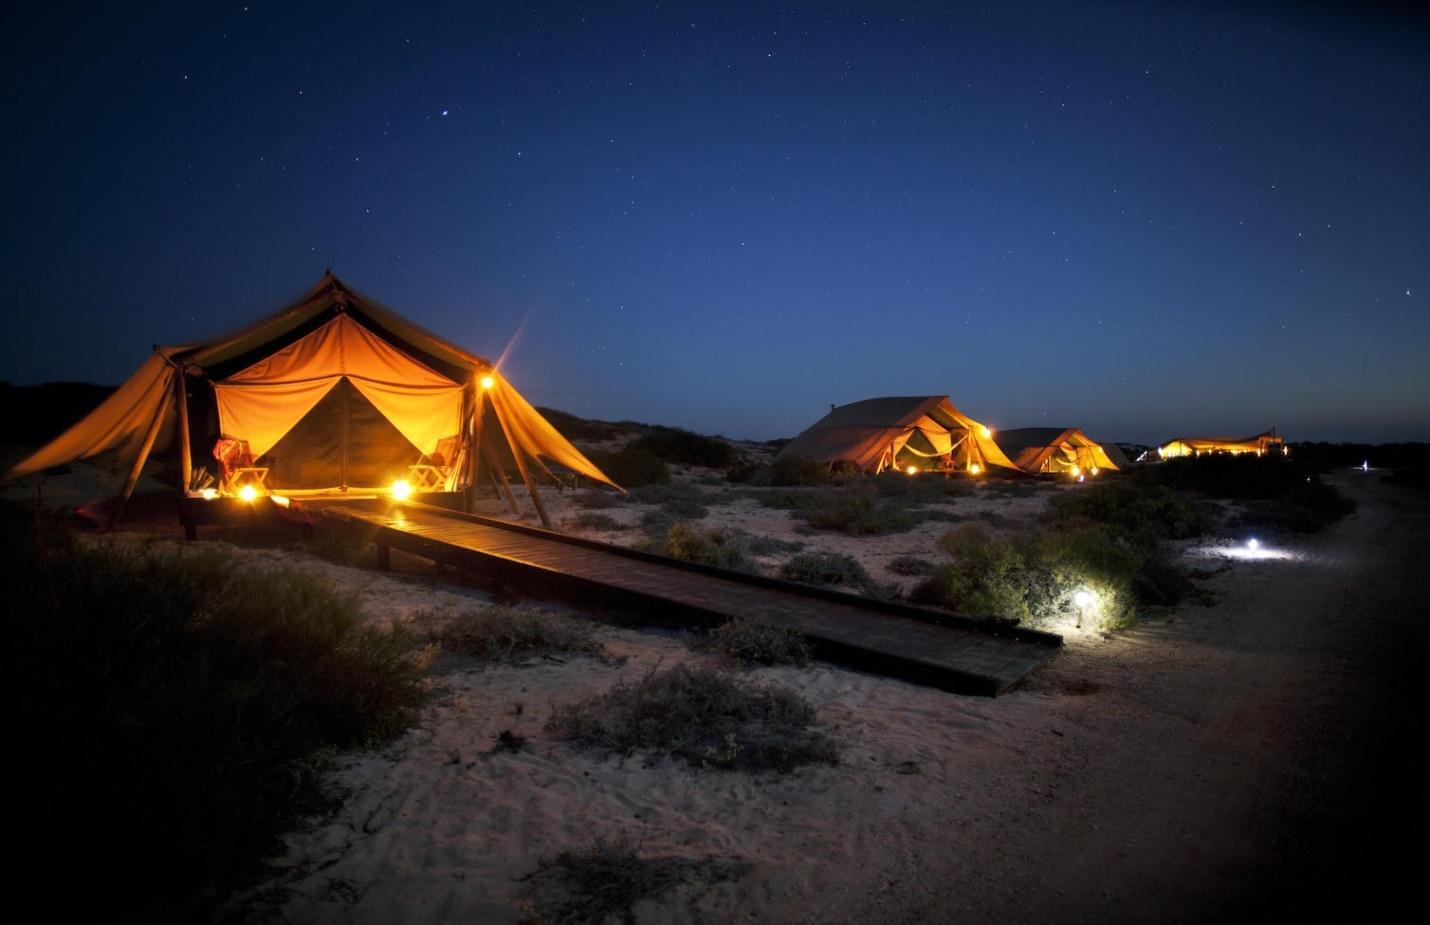 Mách bạn kinh nghiệm cắm trại qua đêm khi đi tour Cô Tô